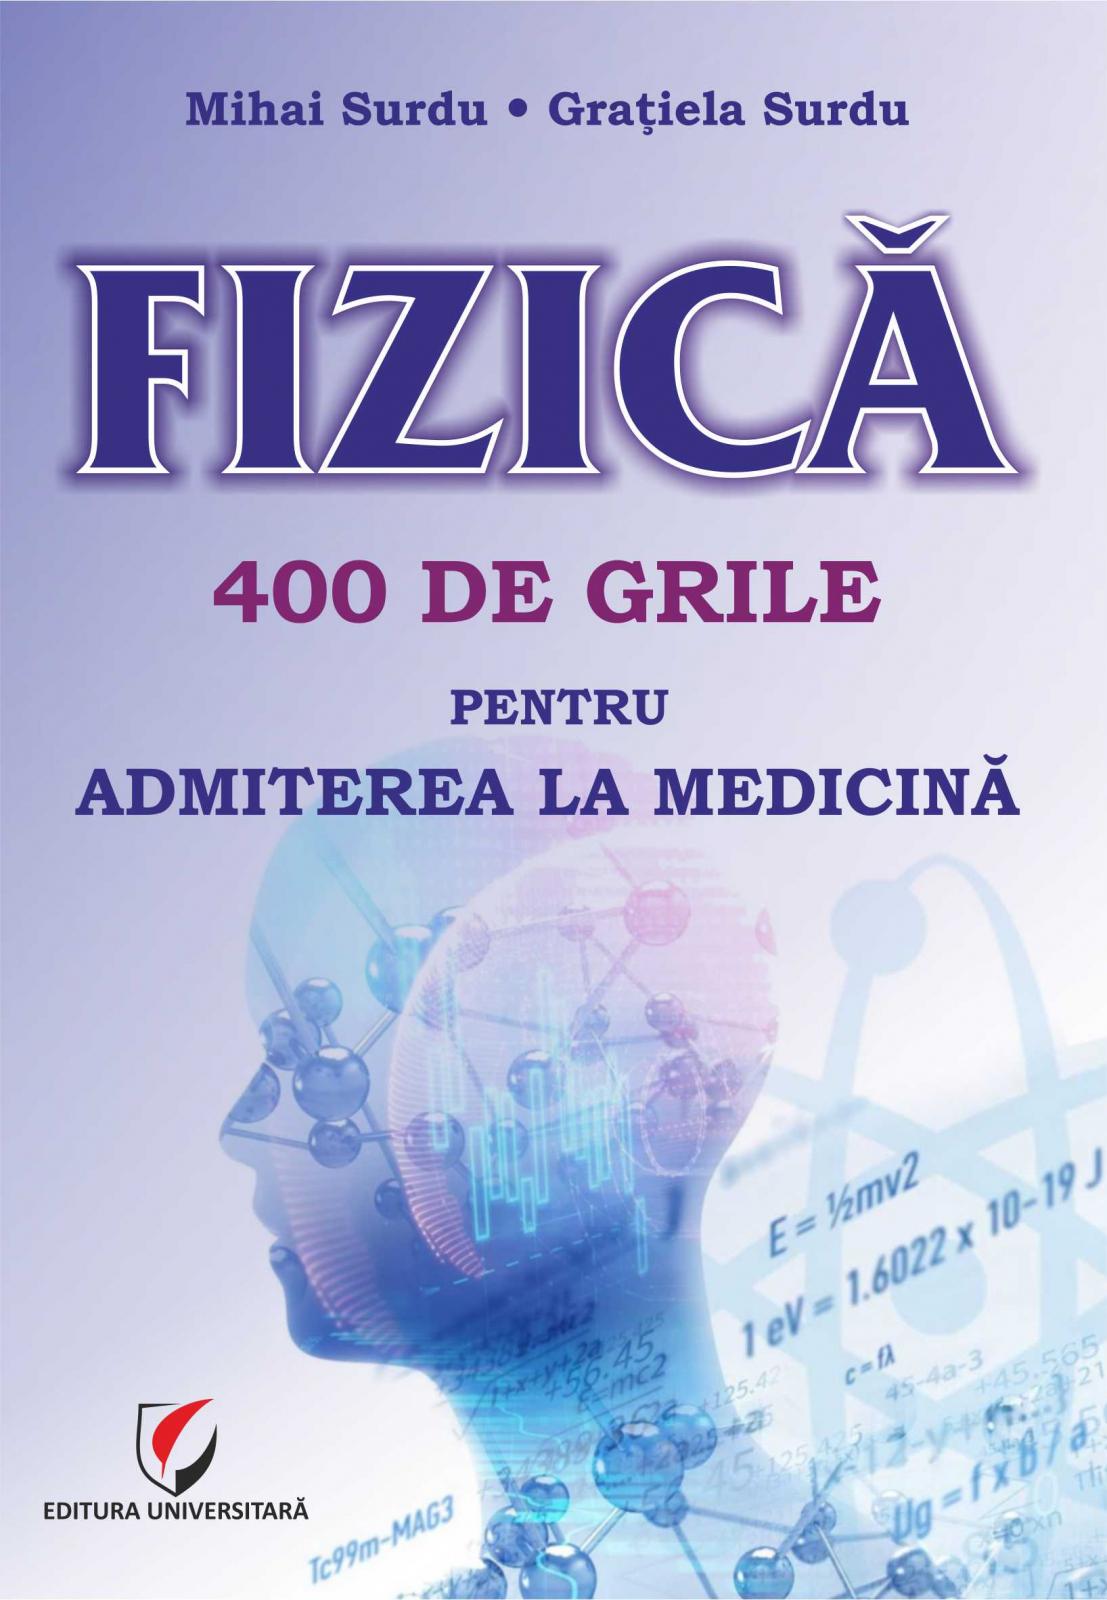 Fizica - 400 de grile pentru admiterea la Medicina | Mihai Surdu, Gratiela Surdu